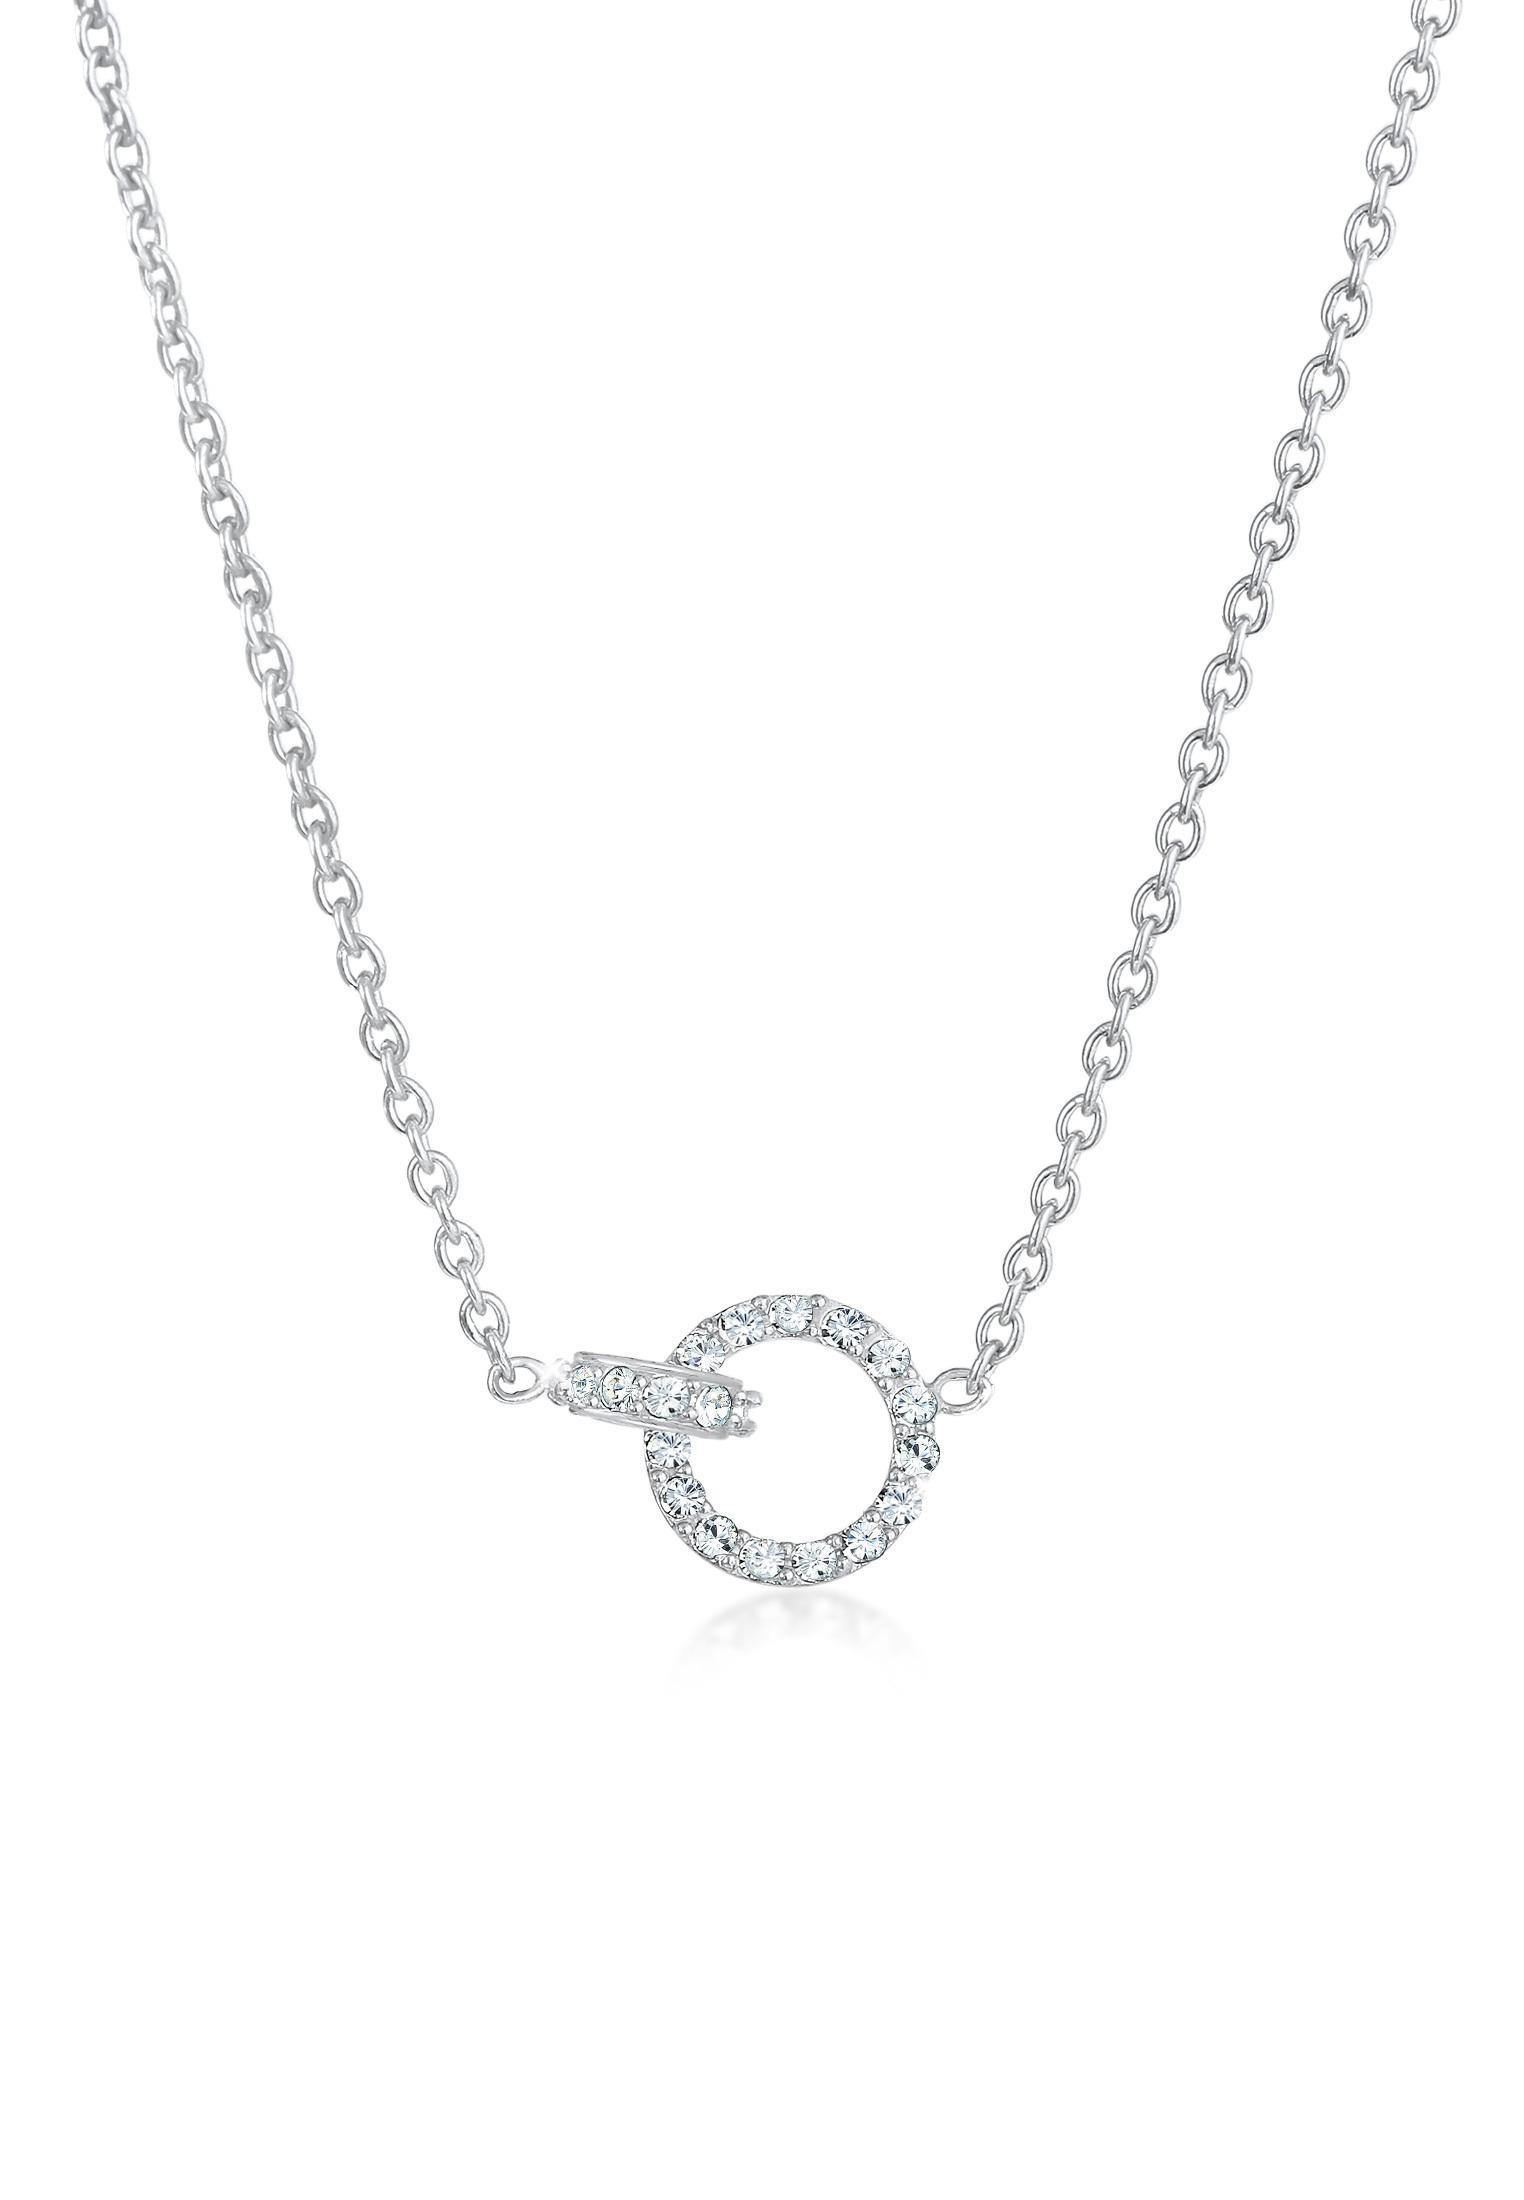 Halskette Kreis | Kristall ( Weiß ) | 925er Sterling Silber